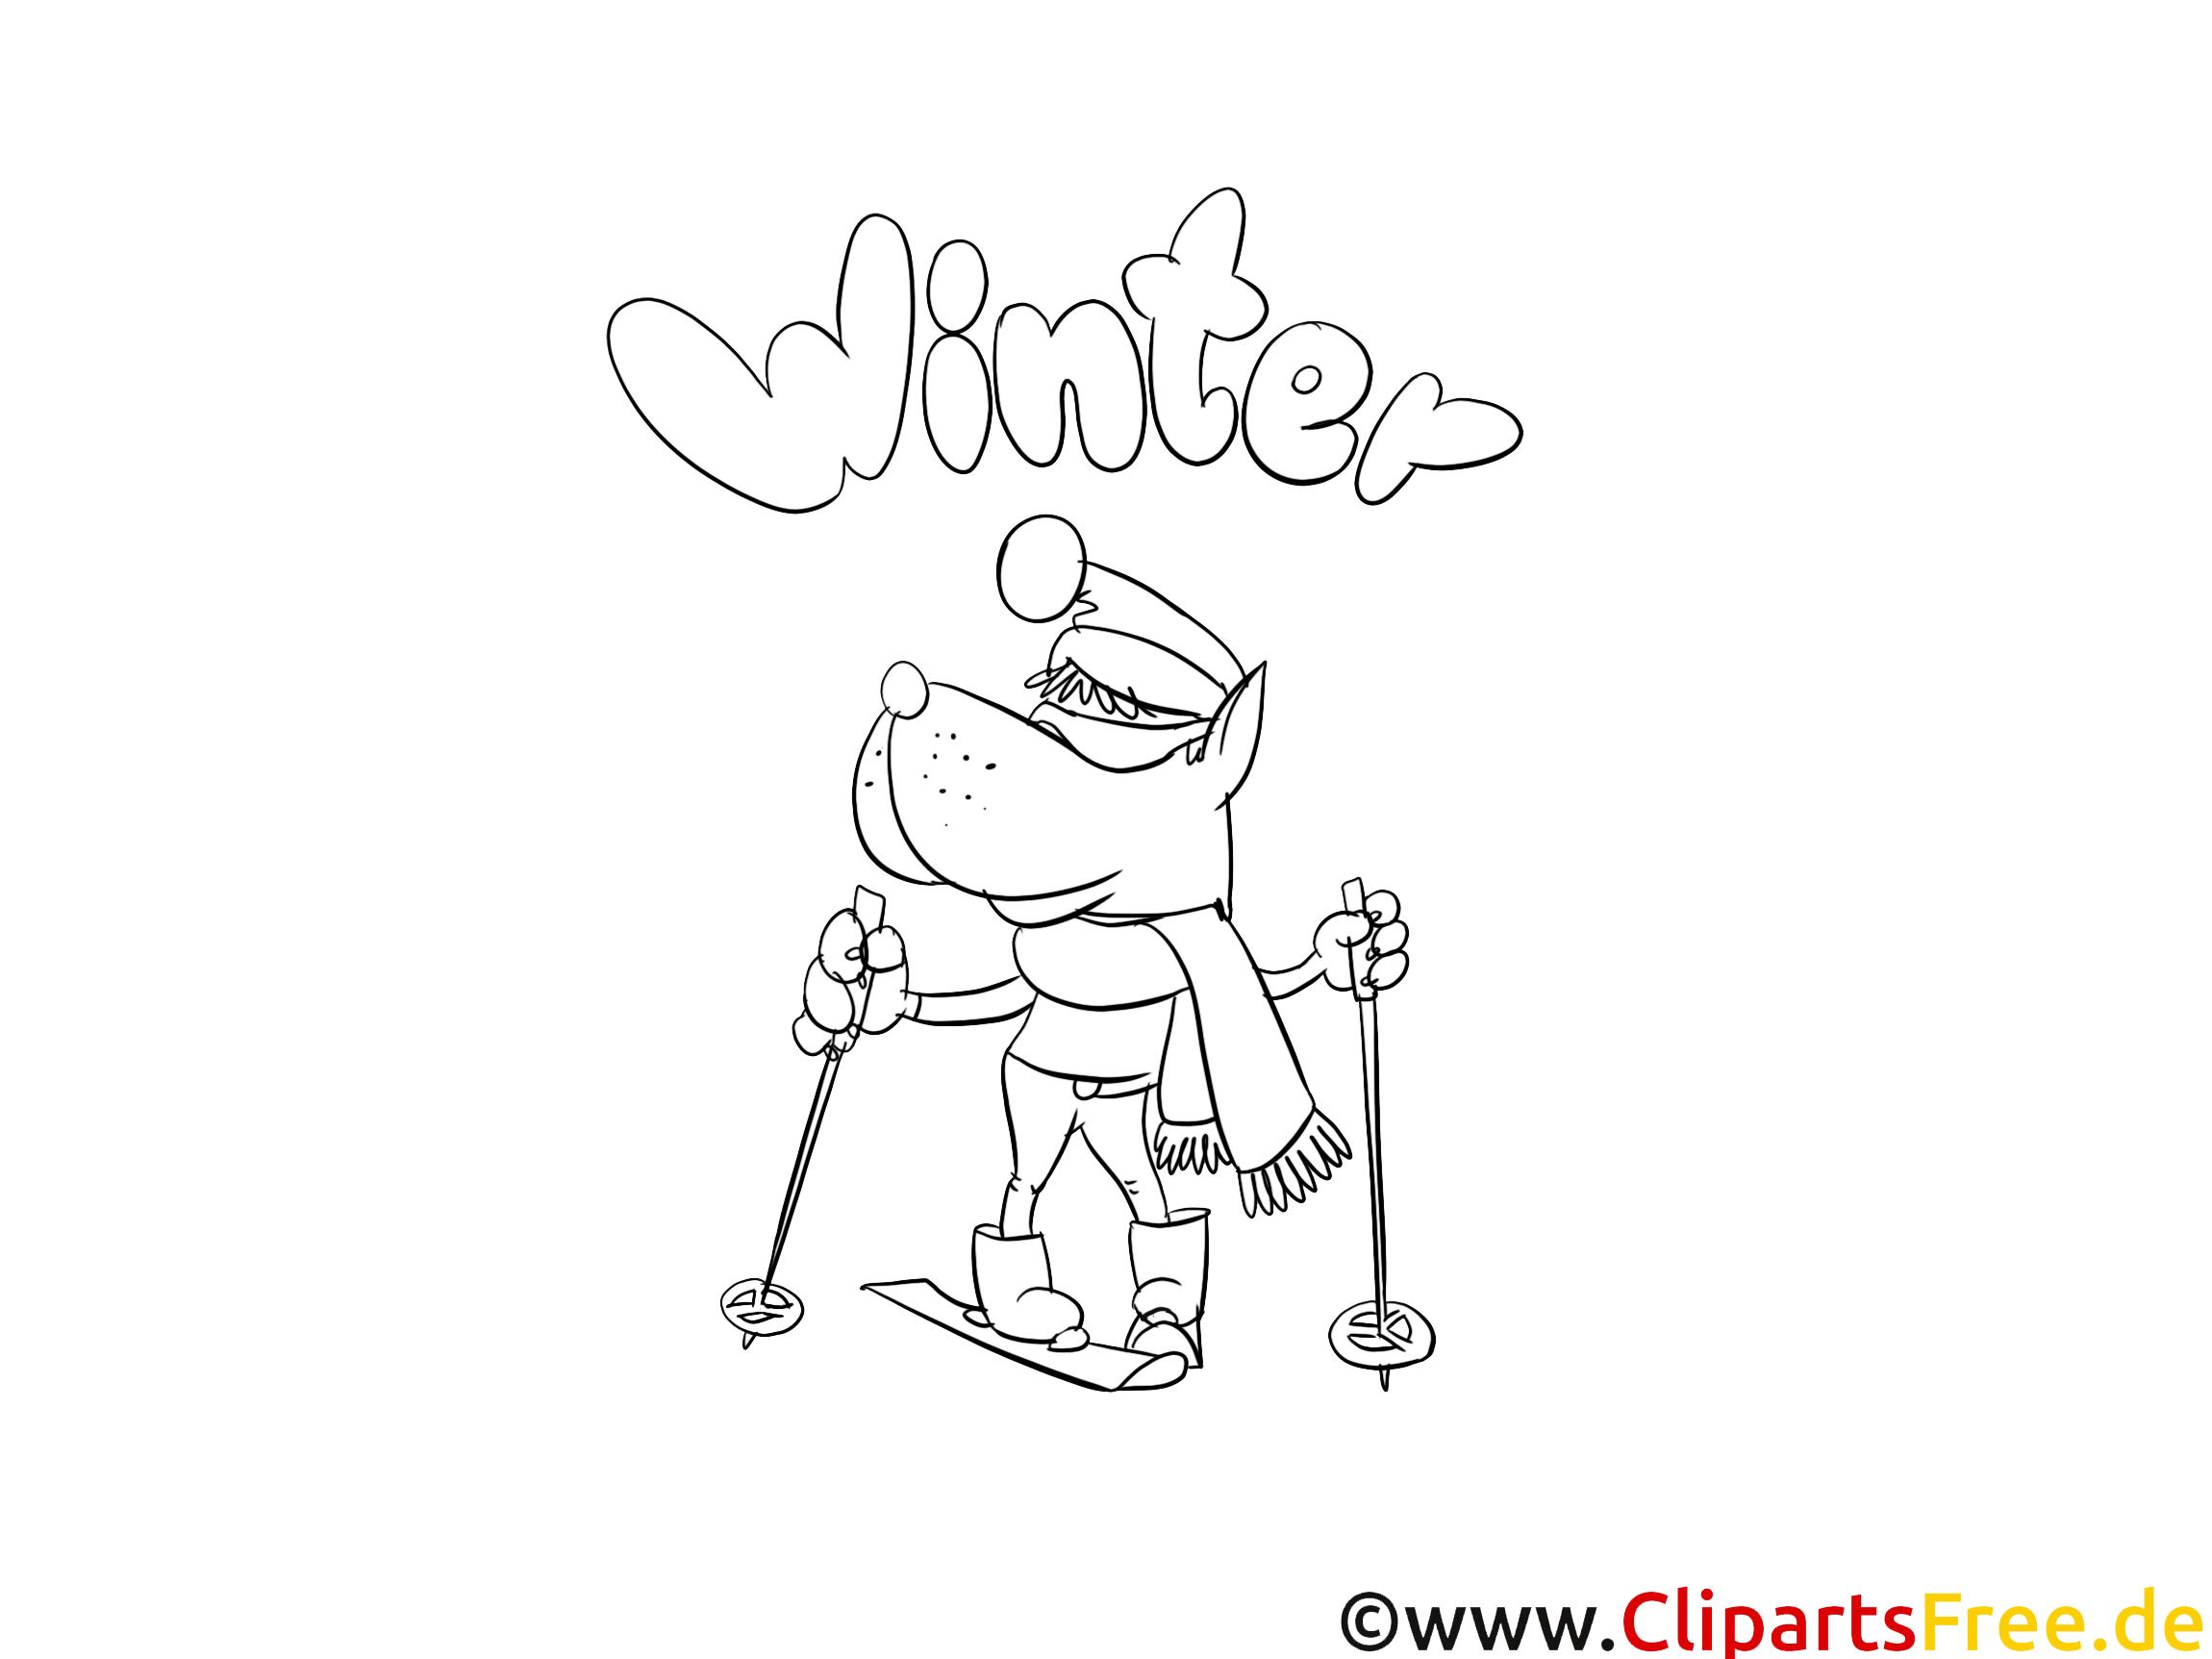 malvorlage winter im pdfformat